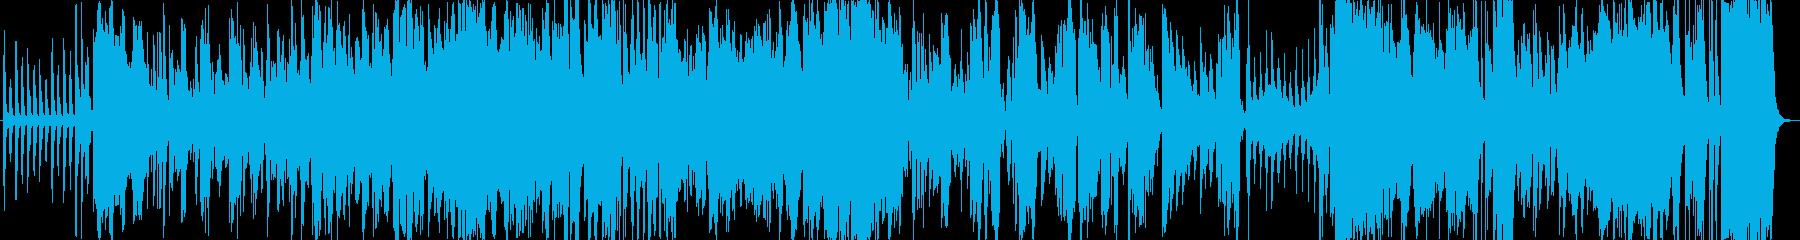 スローテンポでクラリネット入りのジャズの再生済みの波形